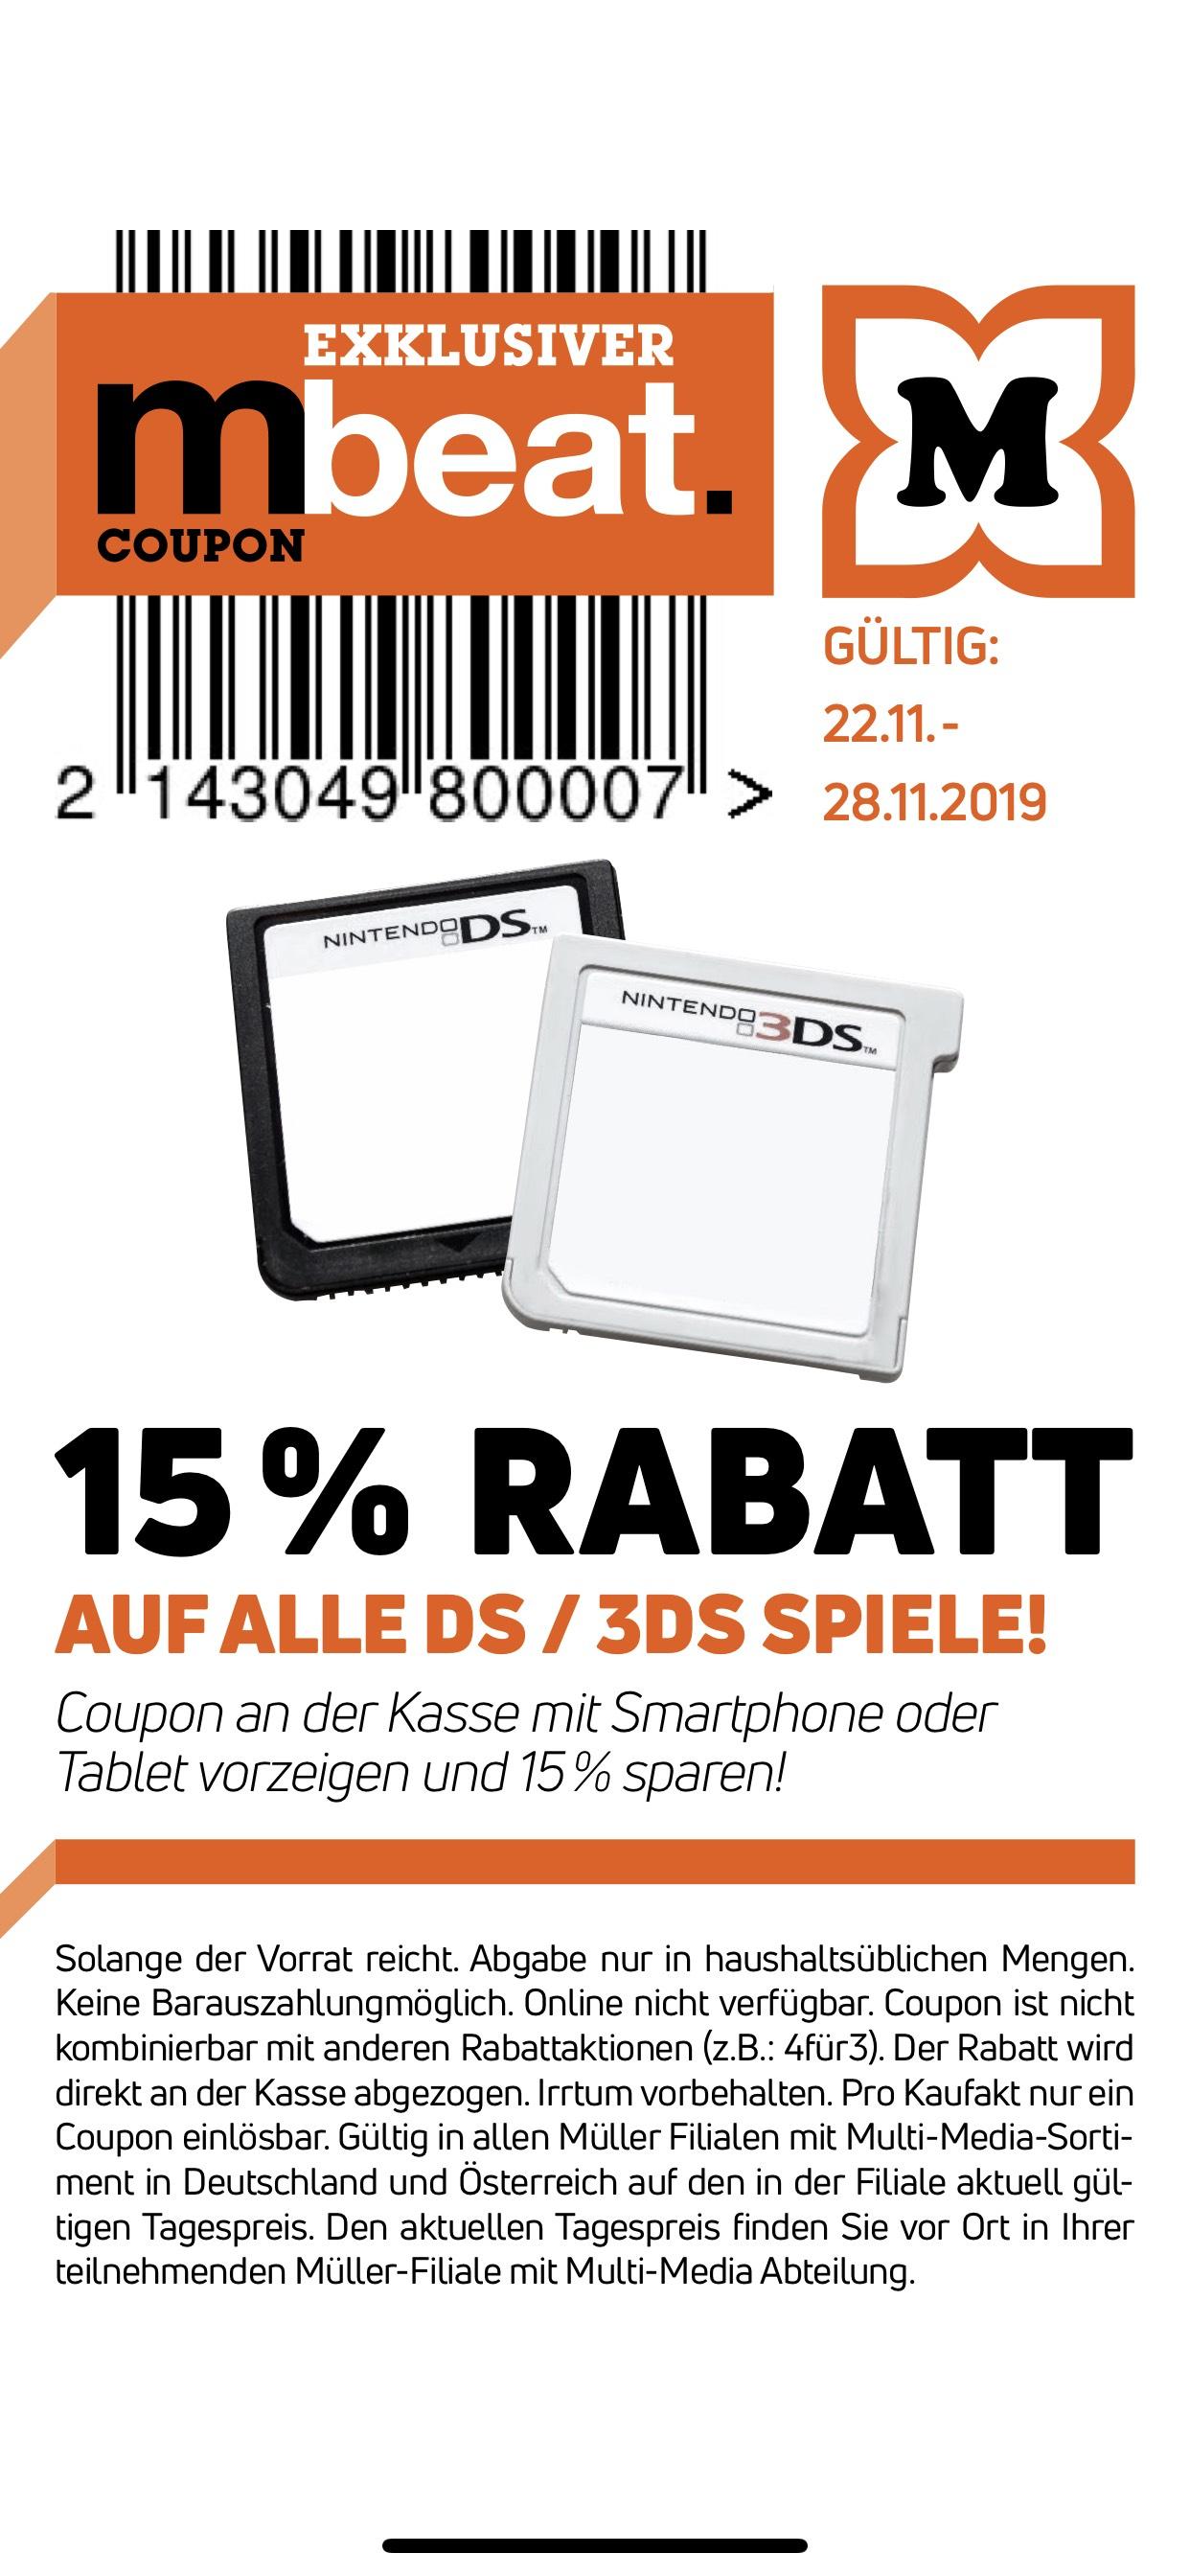 Müller App MBeat: 15% Rabatt auf alle Nintendo DS/3DS Spiele